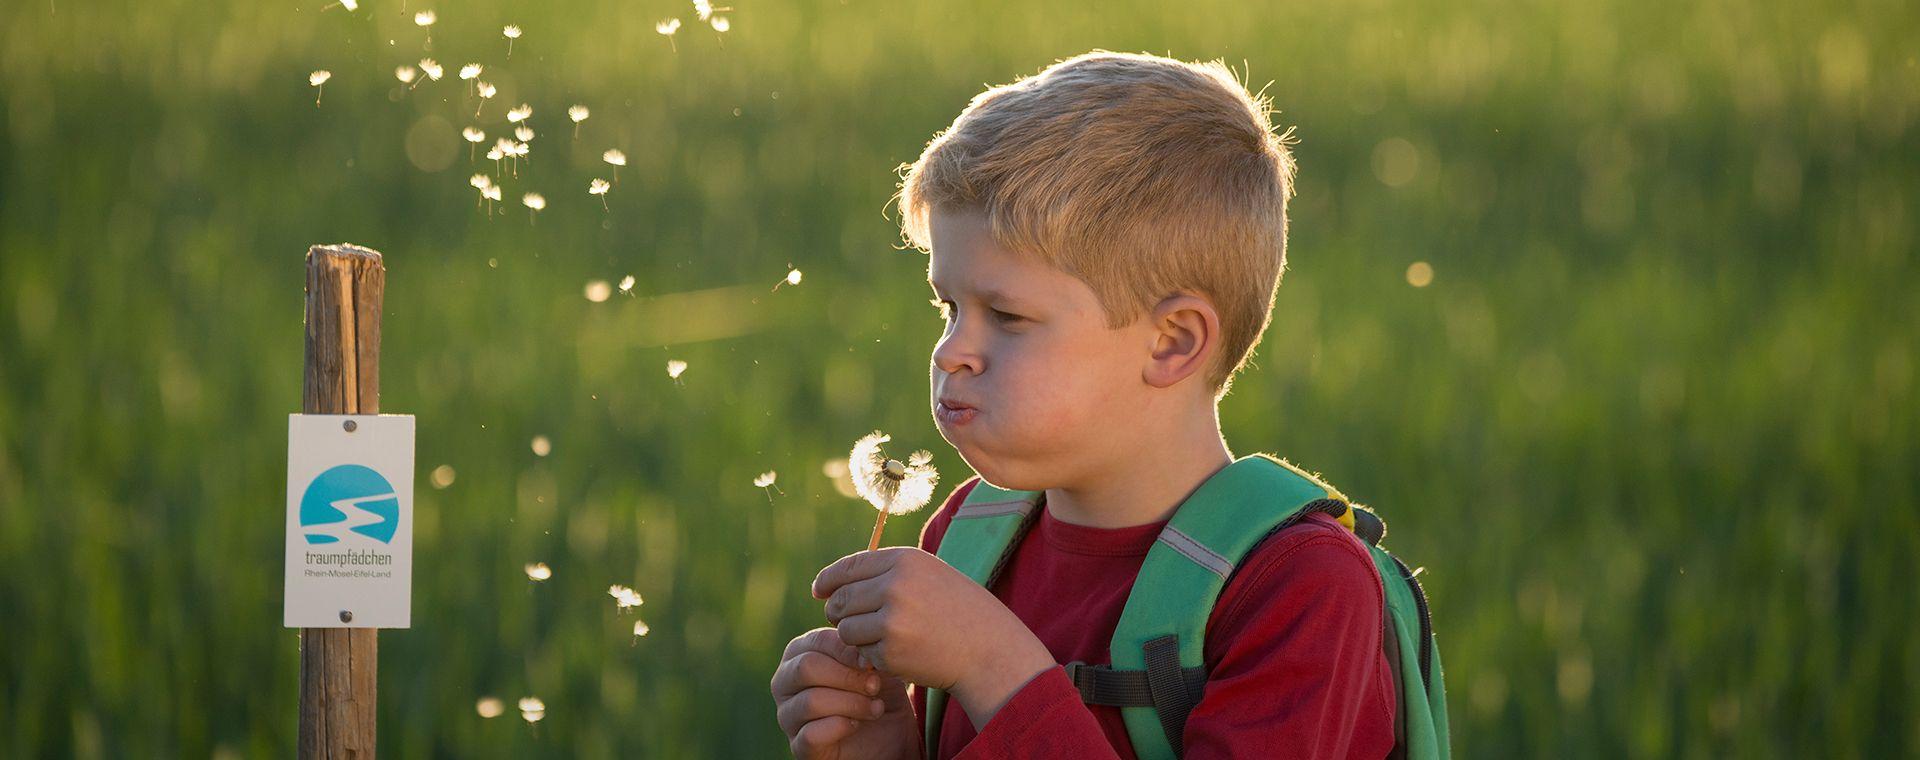 Junge pustet eine Pusteblume